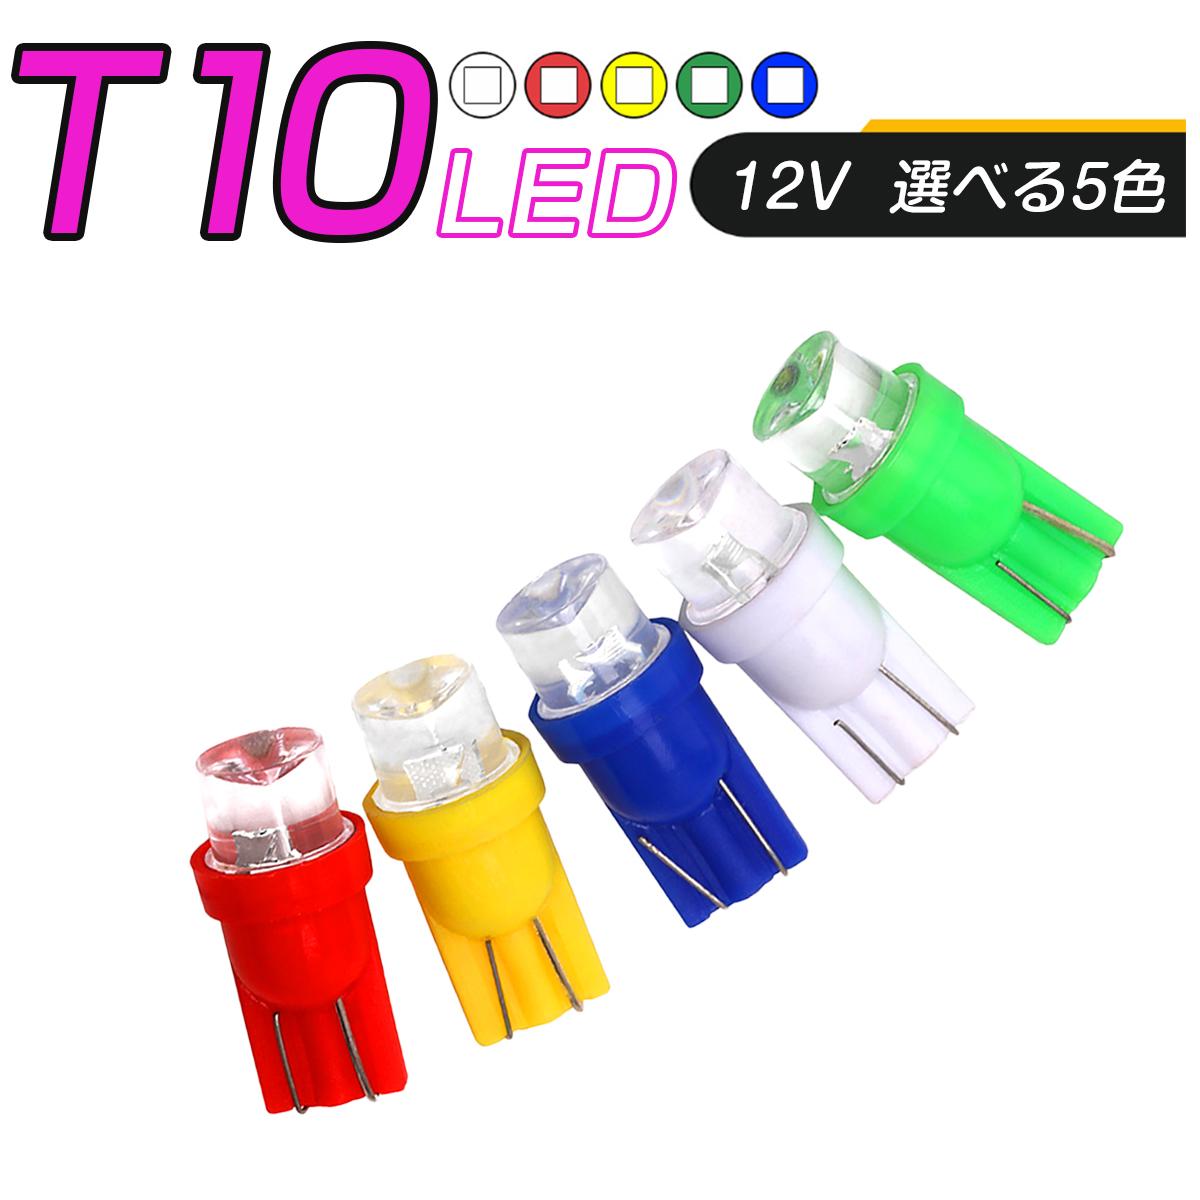 LED T10 SMD 選べるカラー5色 メーター球 タコランプ インジケーター エアコンパネル ウェッジ球 超拡散 全面発光 2個セット SDM便送料無料 1ヶ月保証